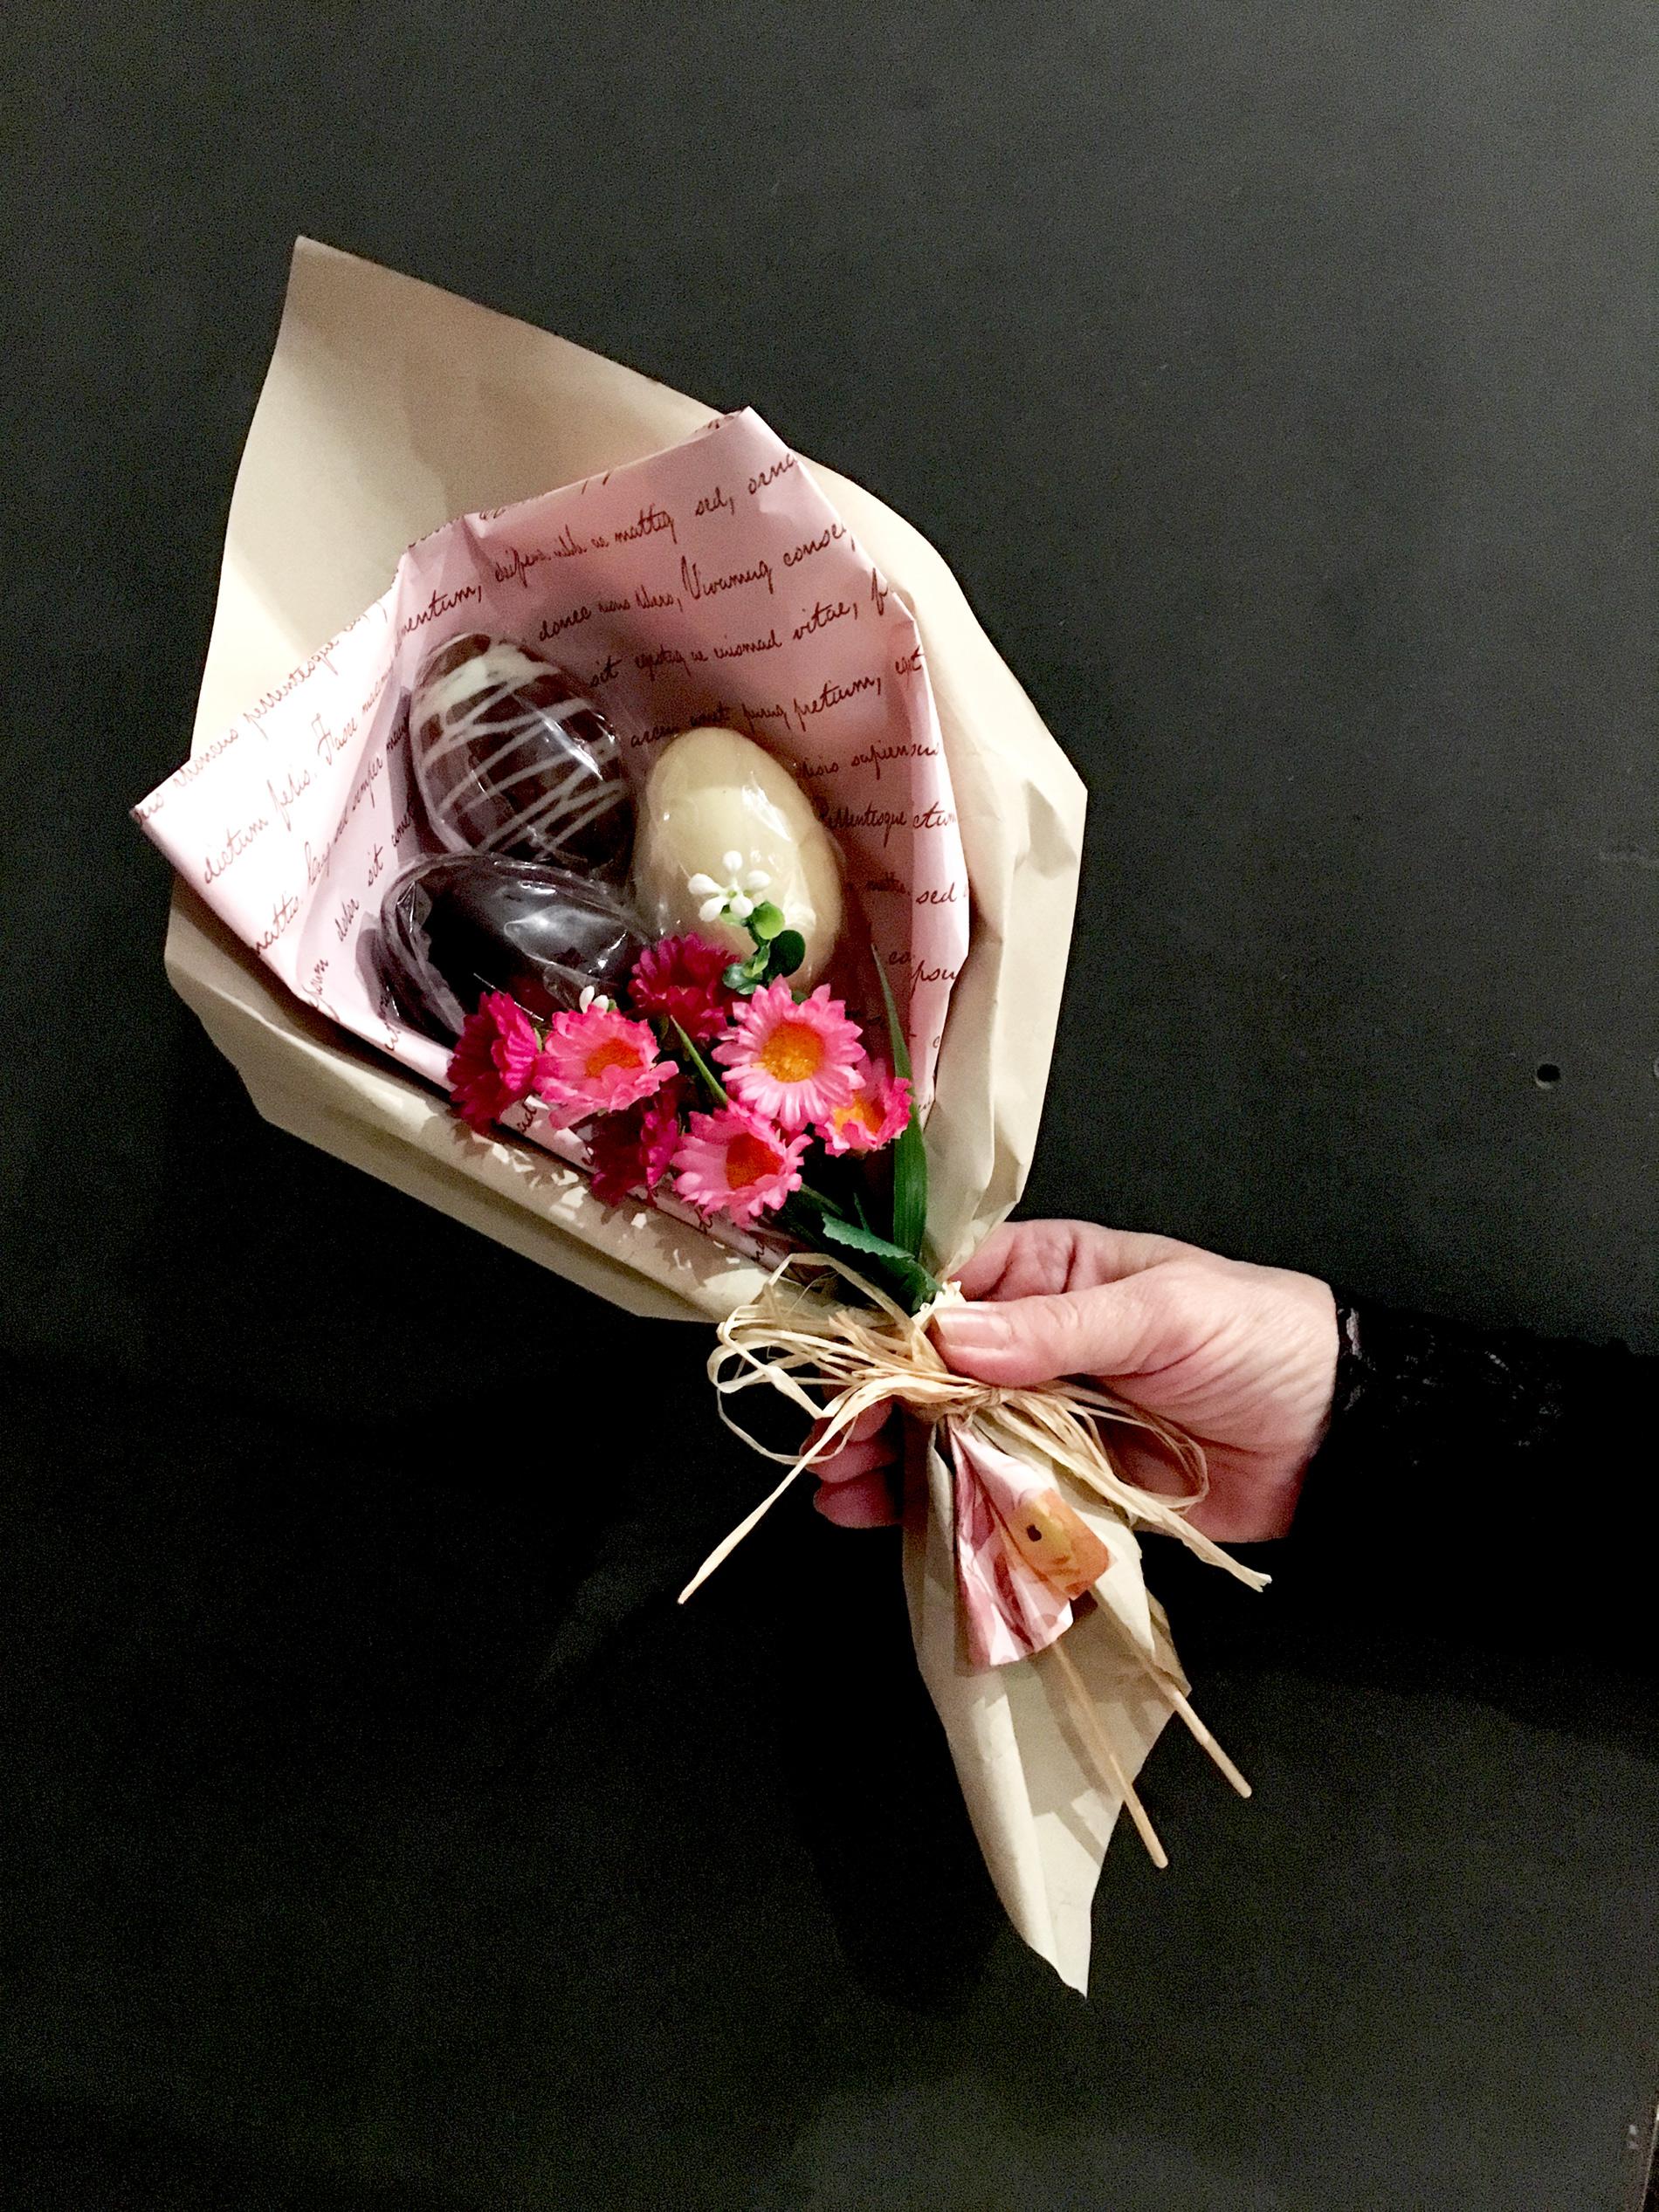 Il bouquet di uova di cioccolato con sorpresa proposto da TortaPistocchi per Pasqua | ©Sandra Longinotti